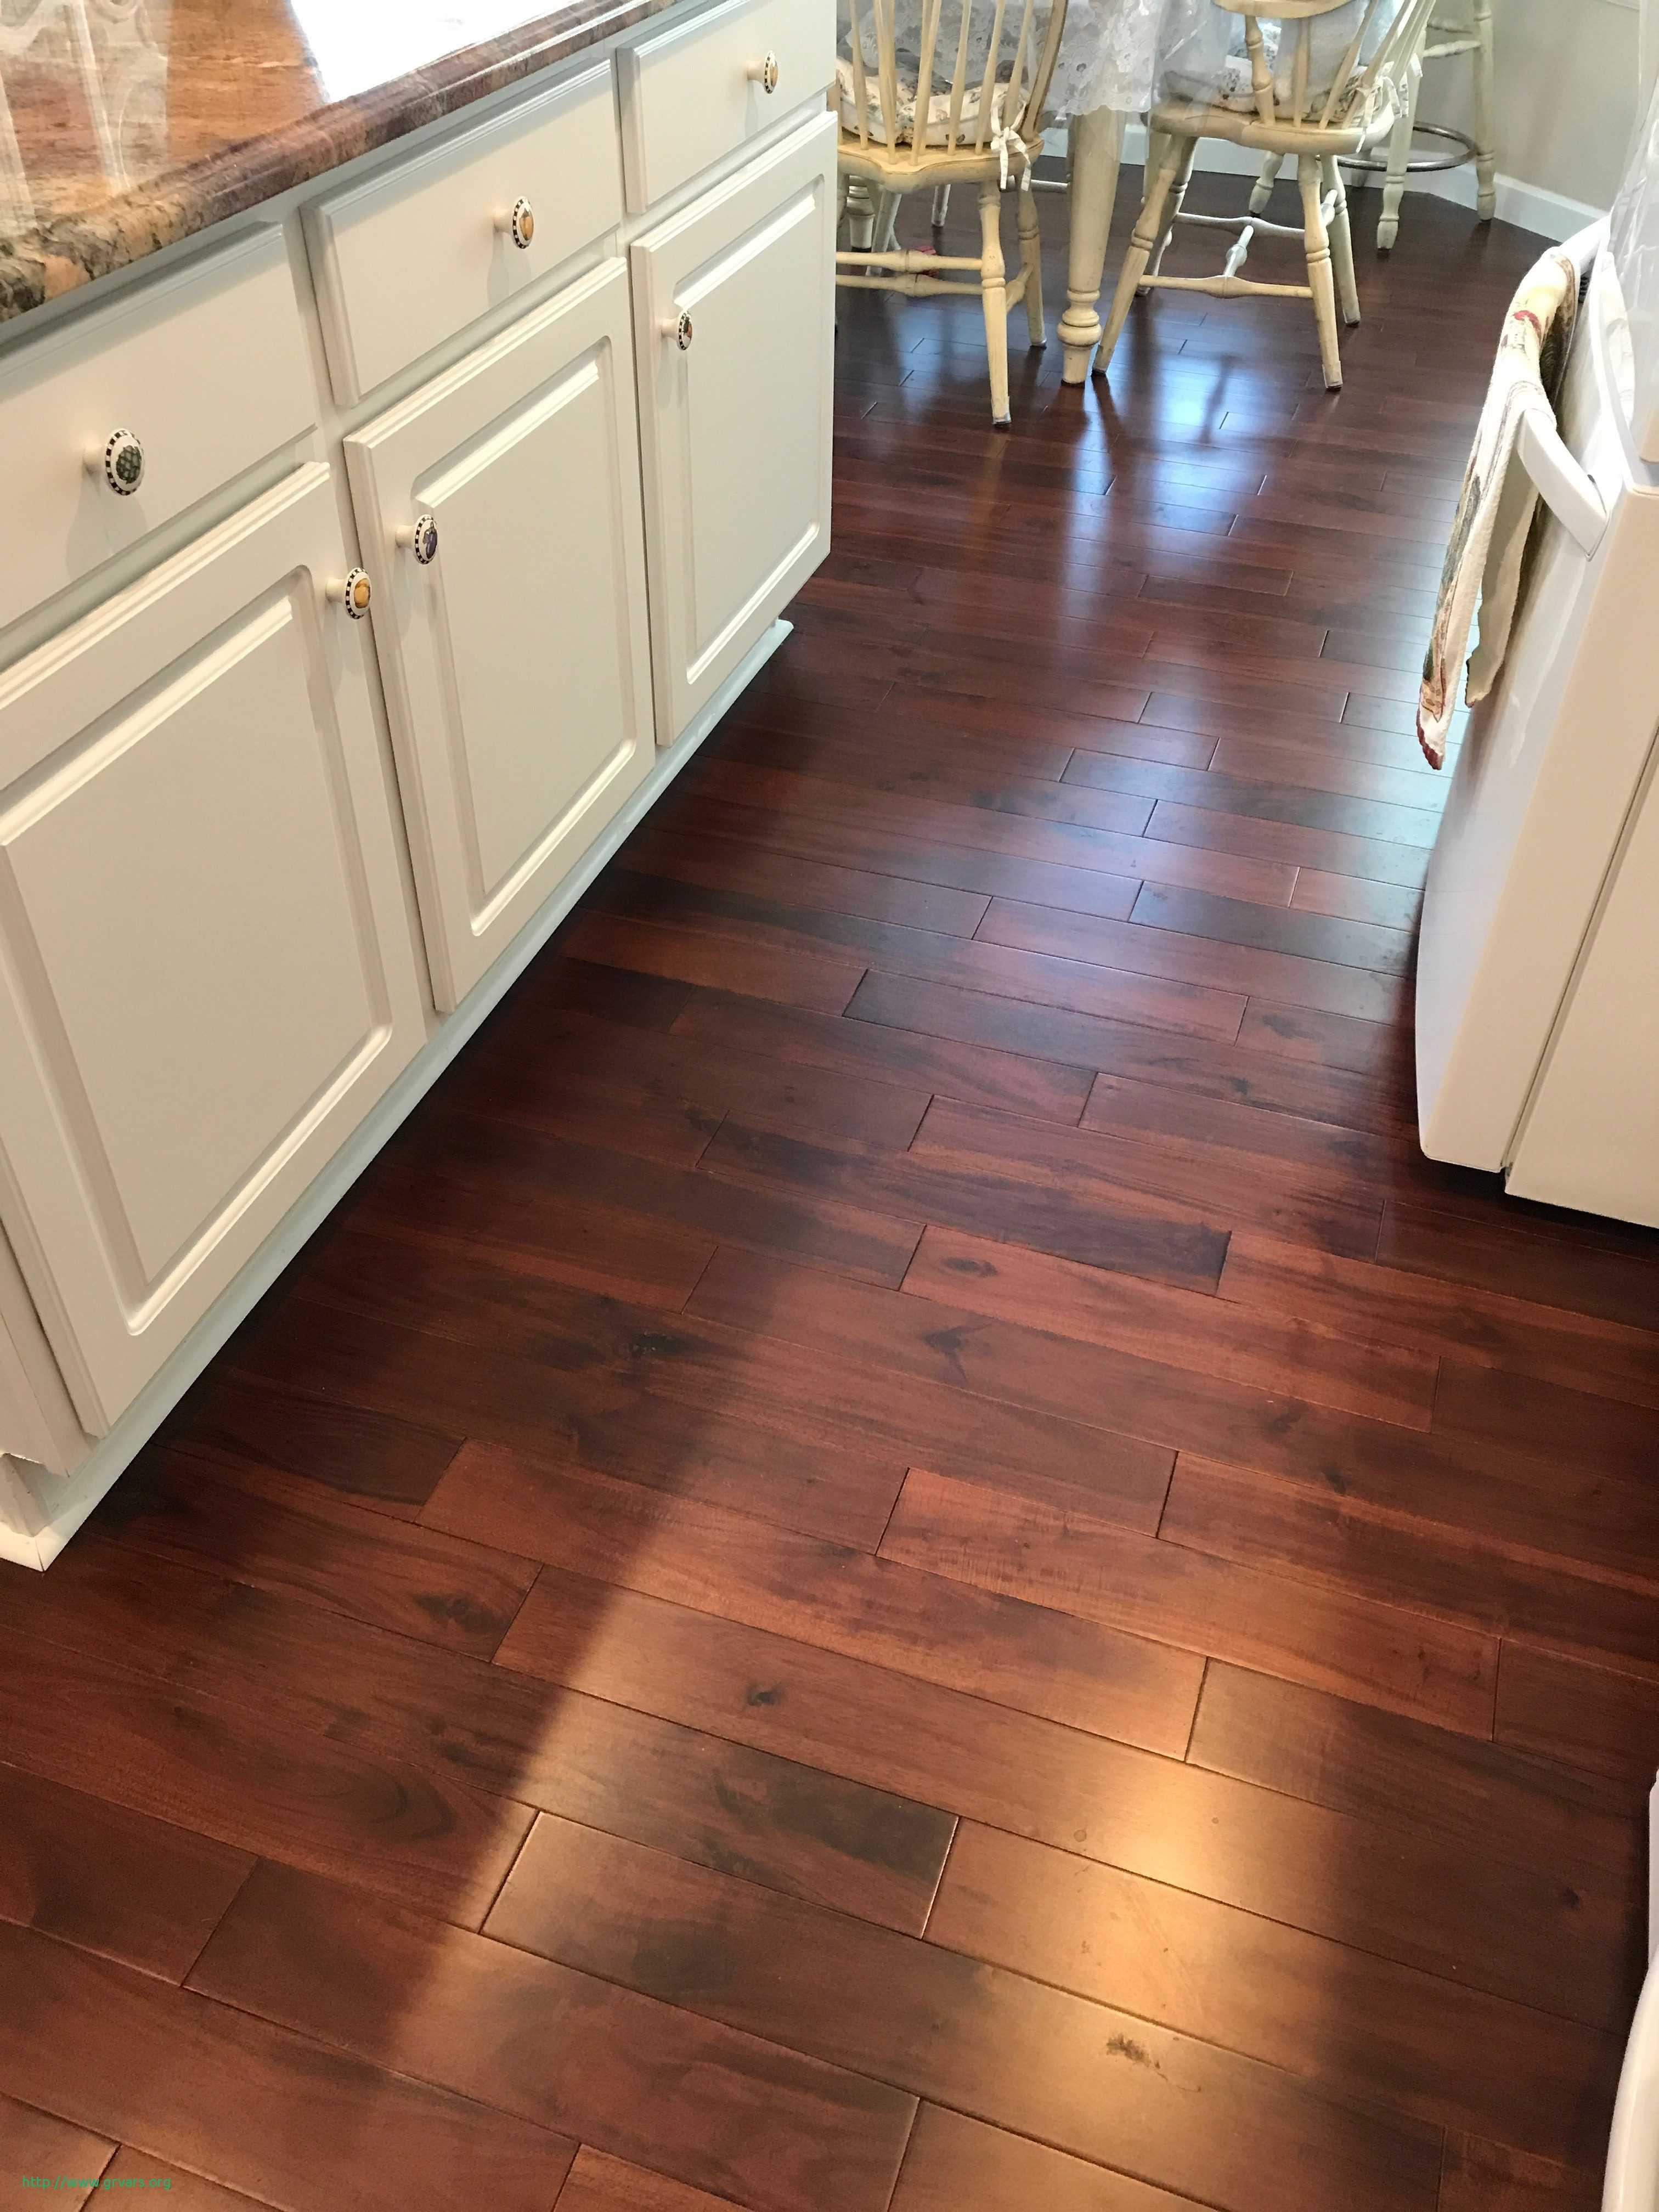 hardwood flooring ottawa ontario of 18 unique empire hardwood floor prices ideas blog regarding 18 photos of the 18 unique empire hardwood floor prices